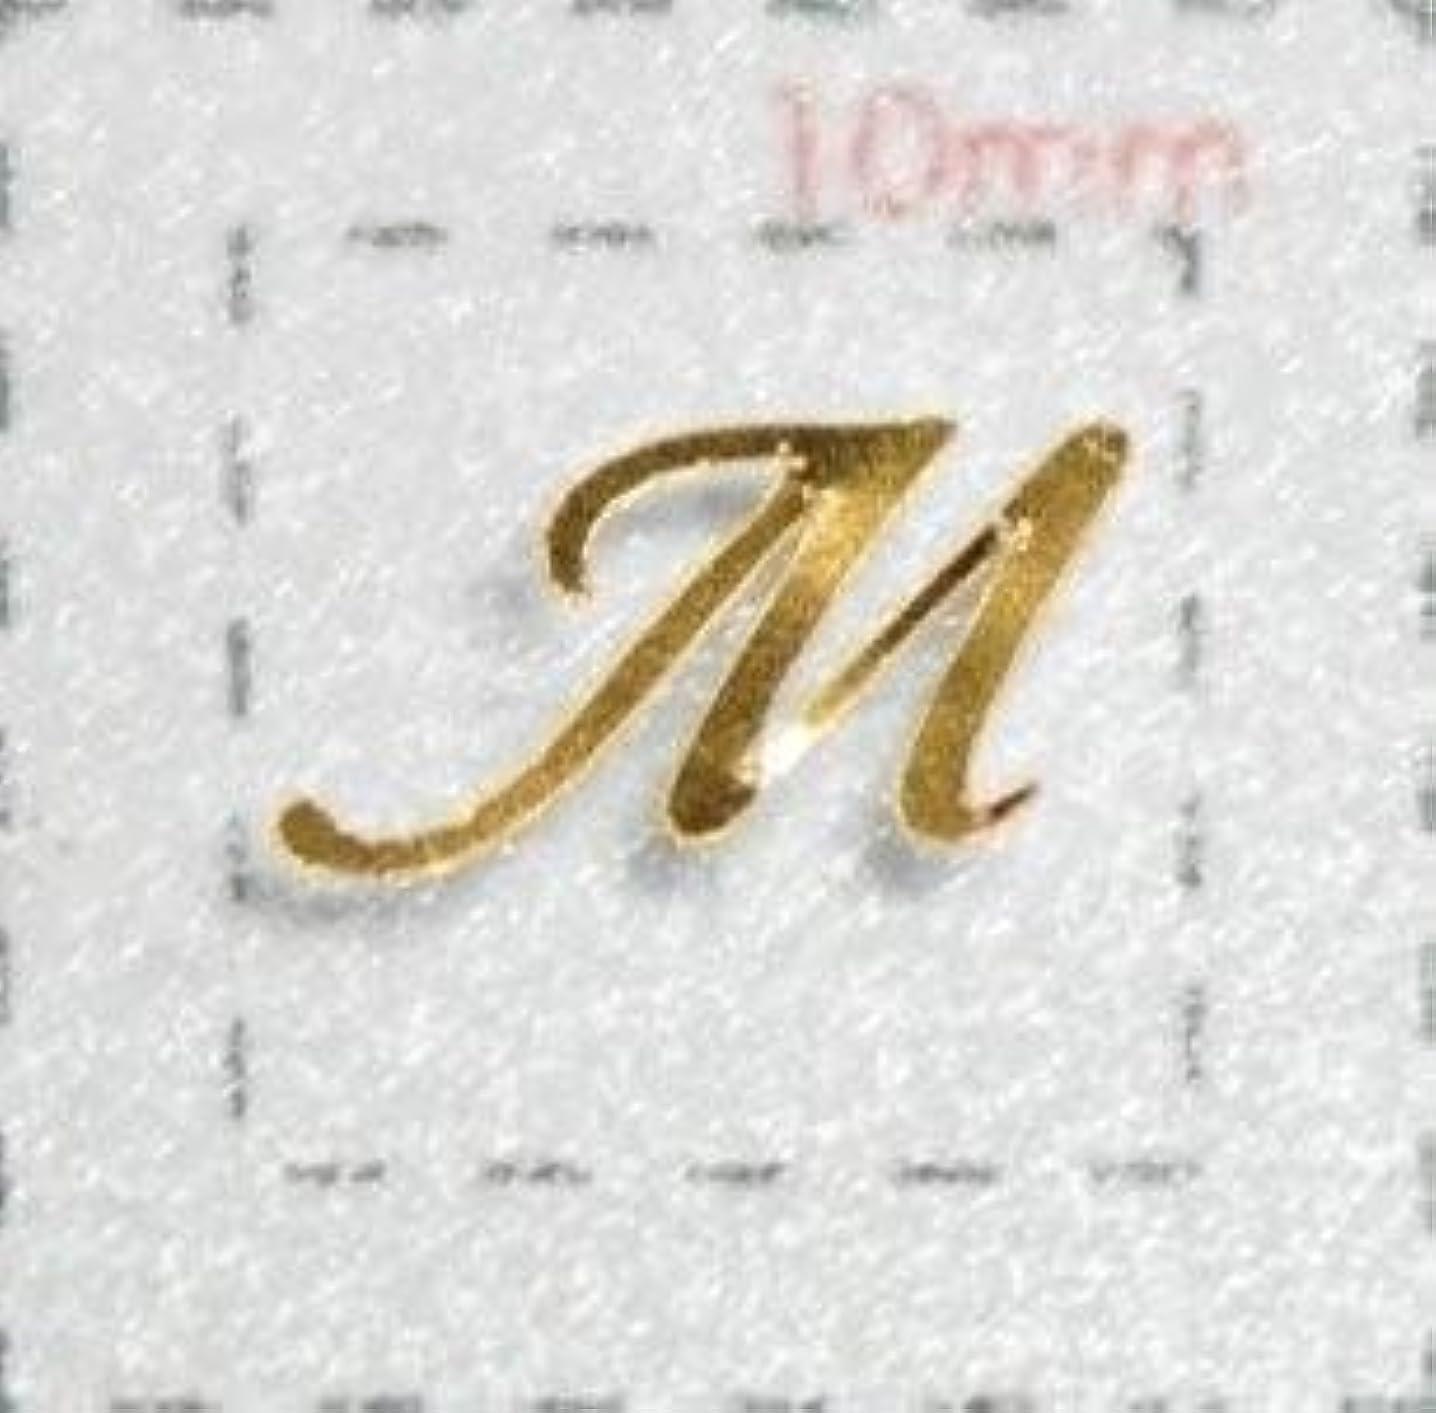 お誕生日メキシコ出発するNameネイルシール【アルファベット?イニシャル】大文字ゴールド( M )1シート9枚入